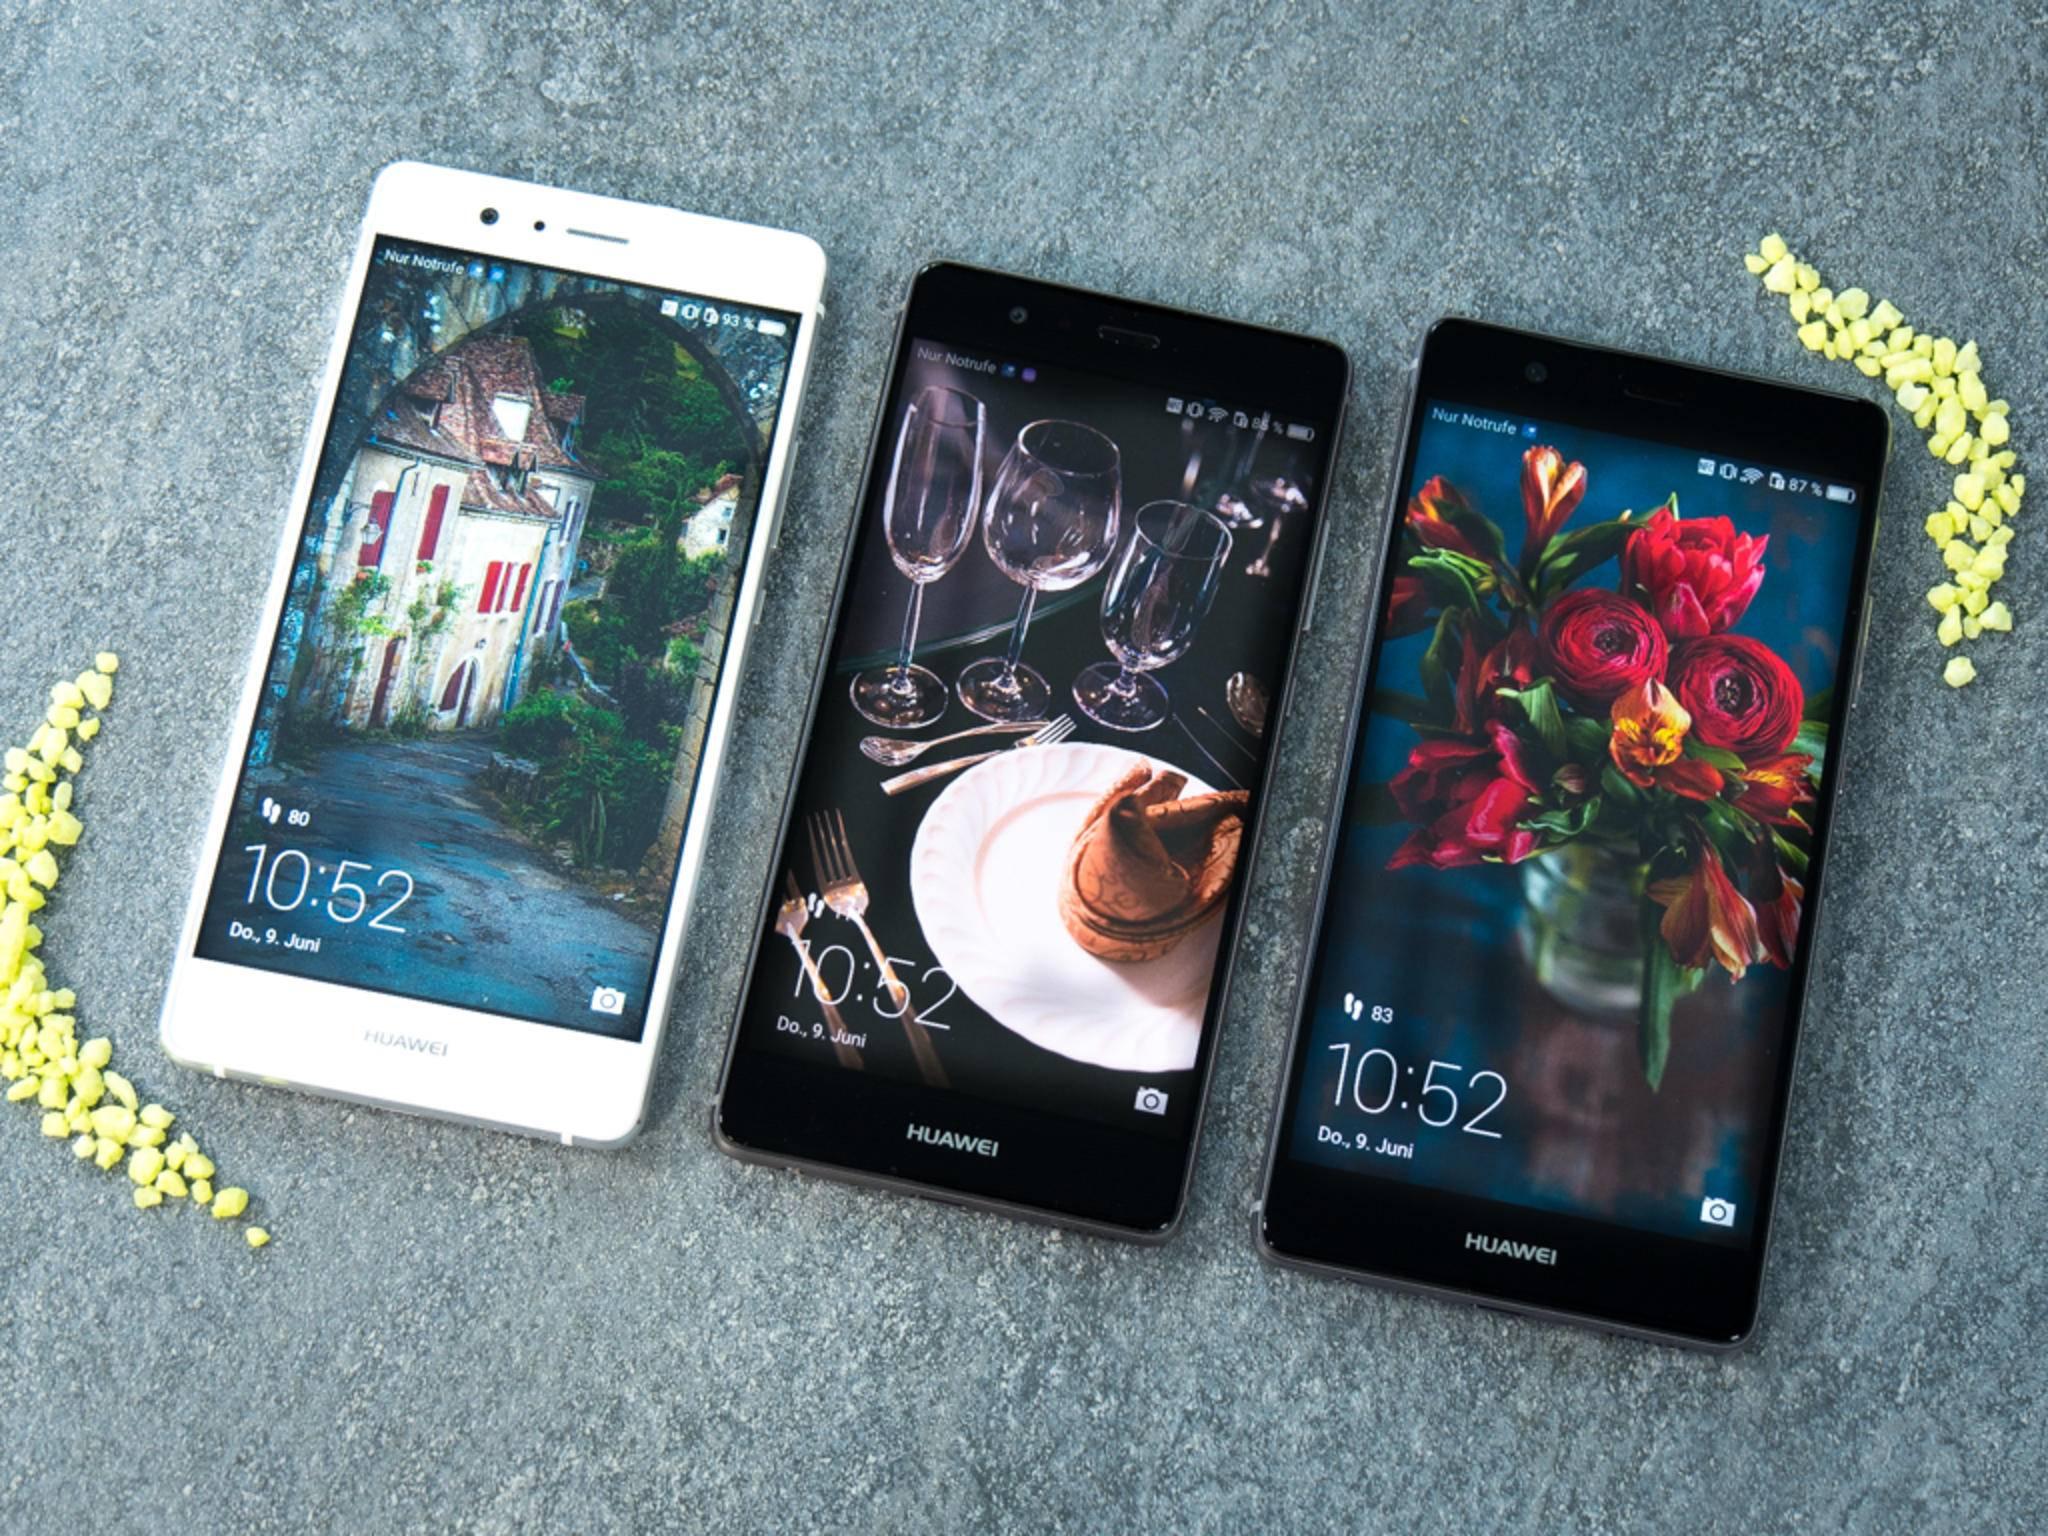 Mit den richtigen Tipps holst Du das Maximum aus Huawei P9 Lite, P9 und P9 Plus heraus.